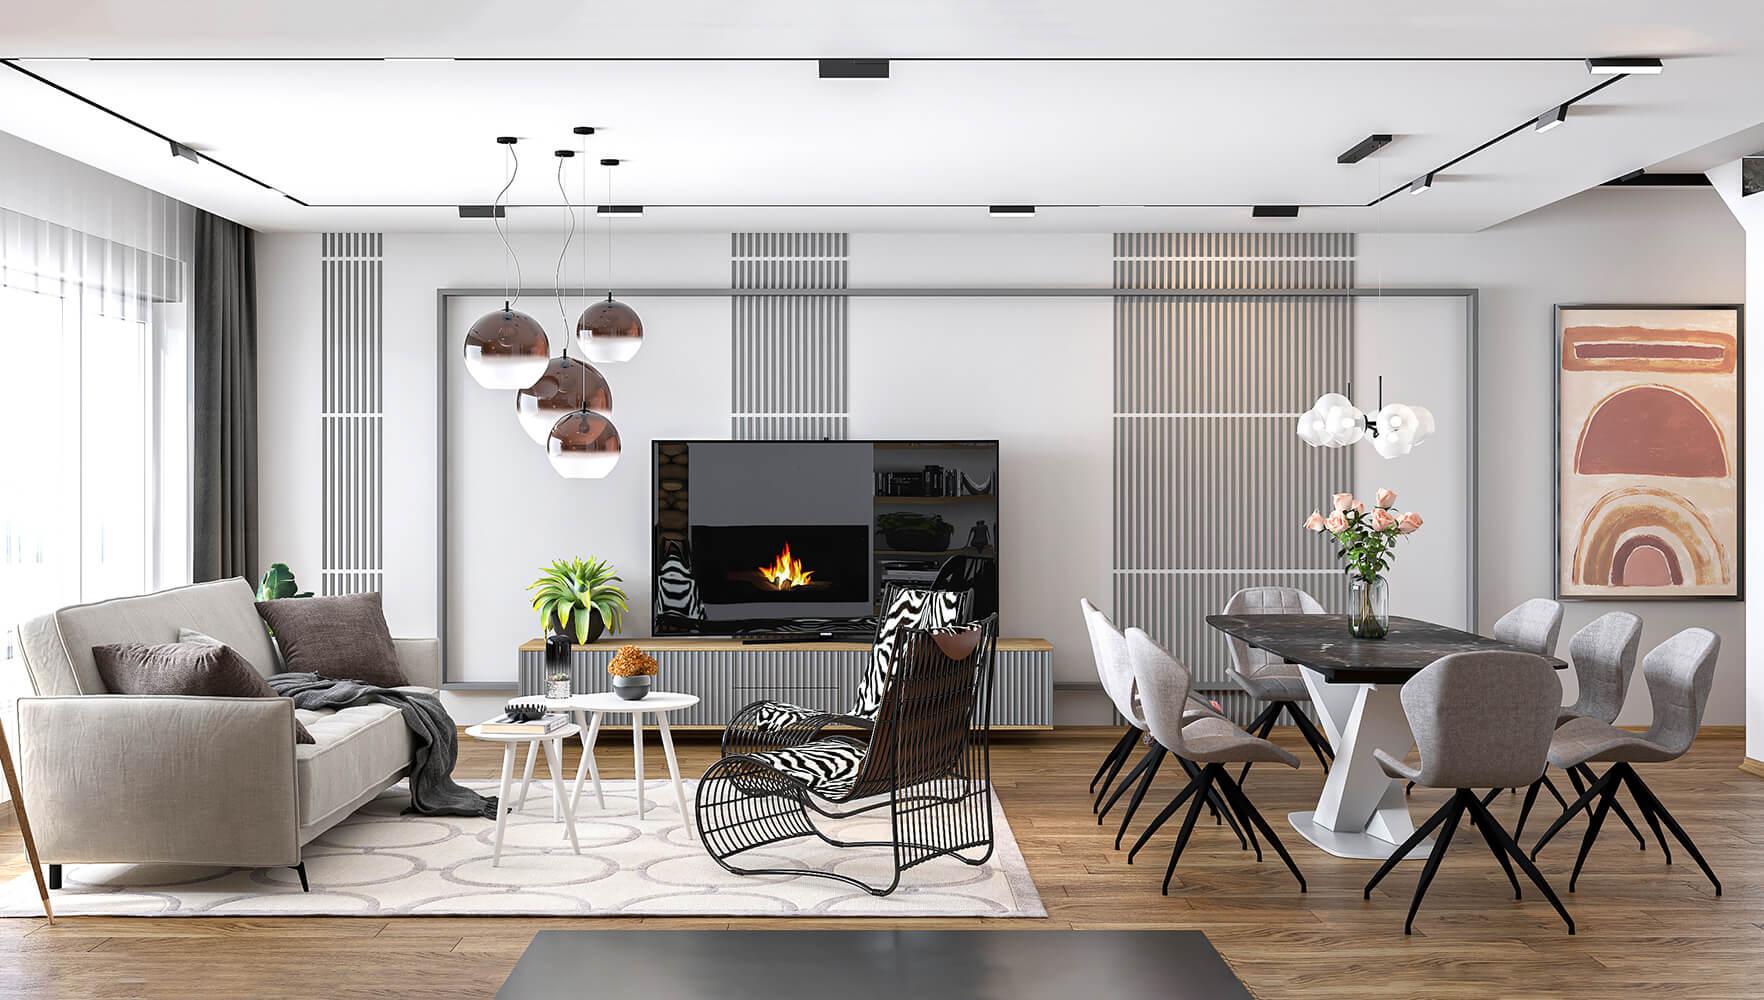 interioren dizain proekt na hol dneven trakt i vsekidnevna